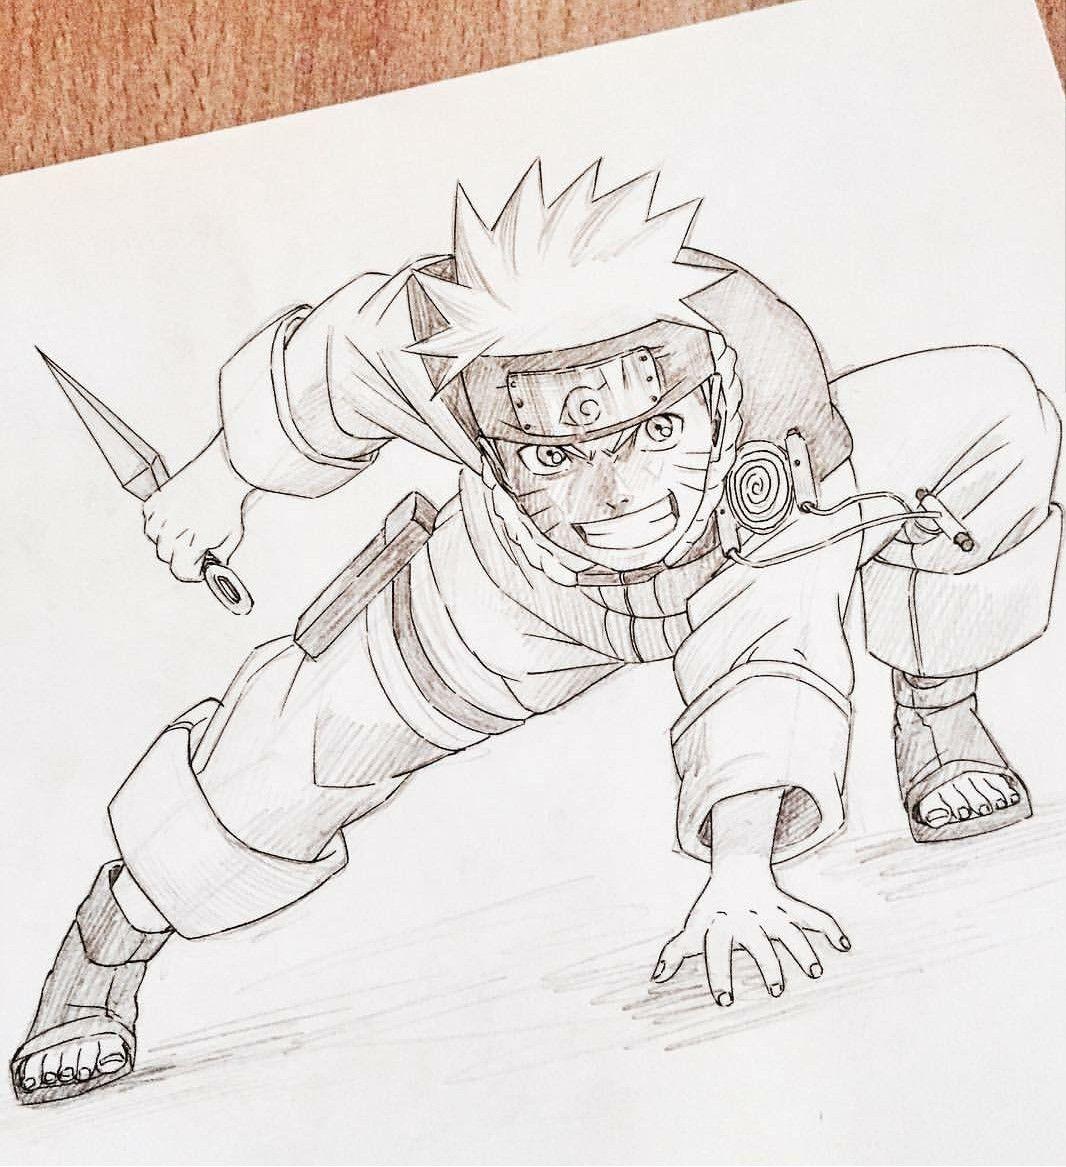 Naruto Drawing Naruto Sketch Naruto Drawings Naruto Sketch Drawing